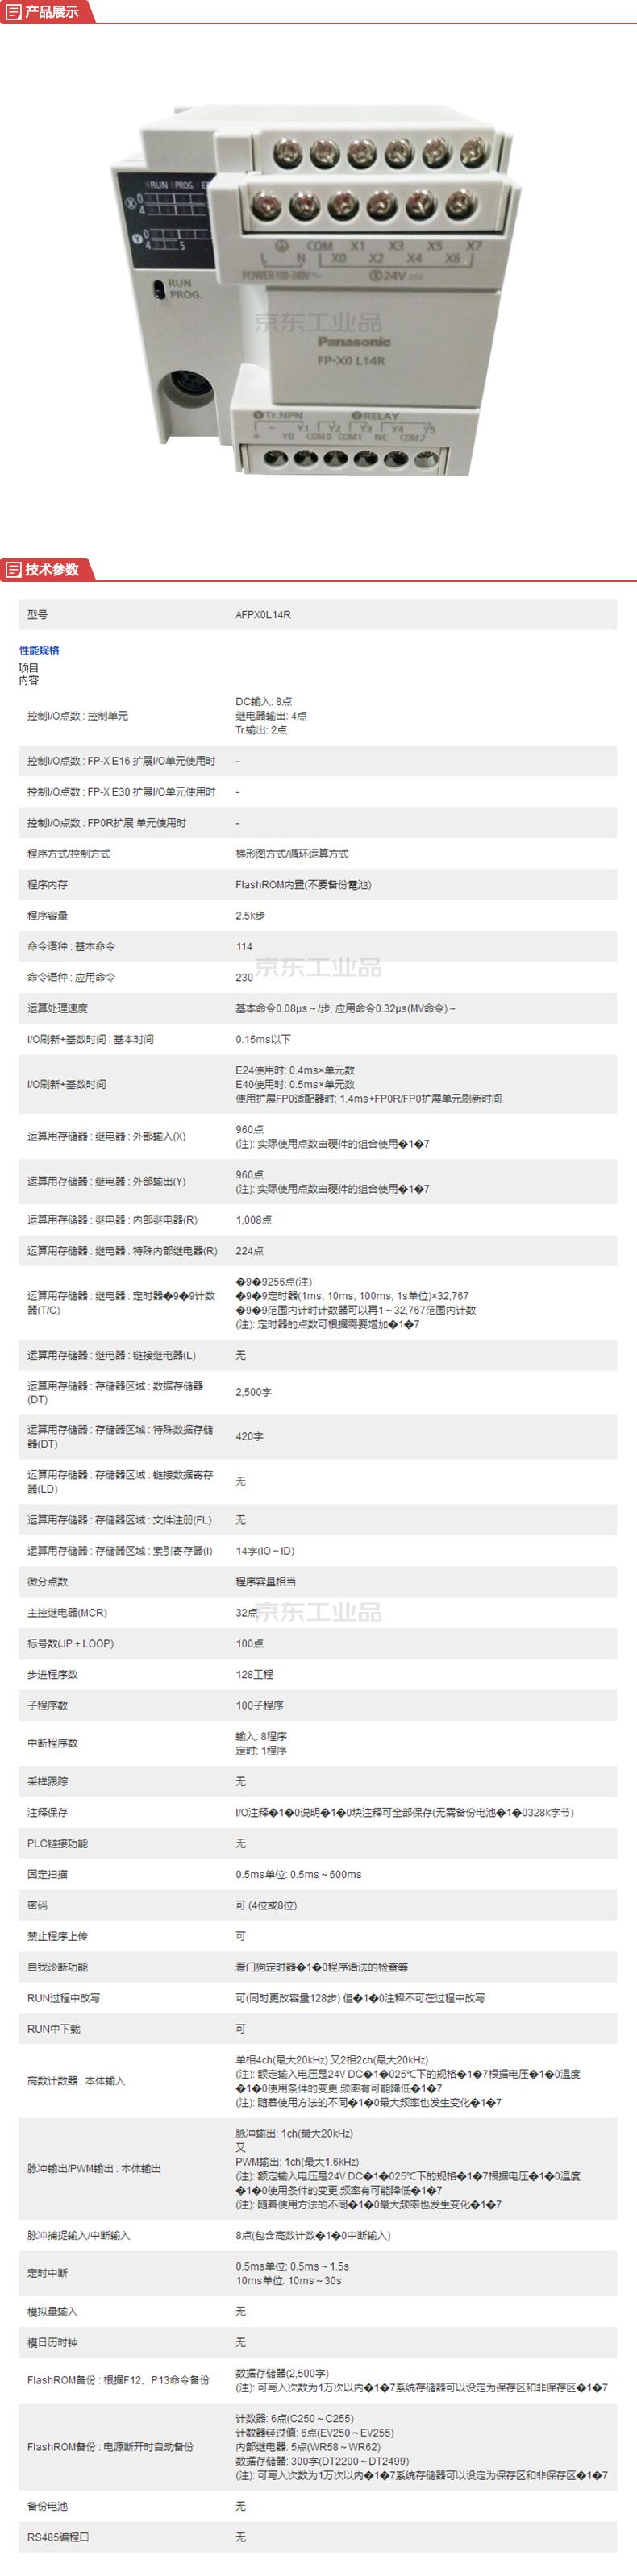 松下(Panasonic) PLC可编程控制器,控制单元;AFPX0L14R